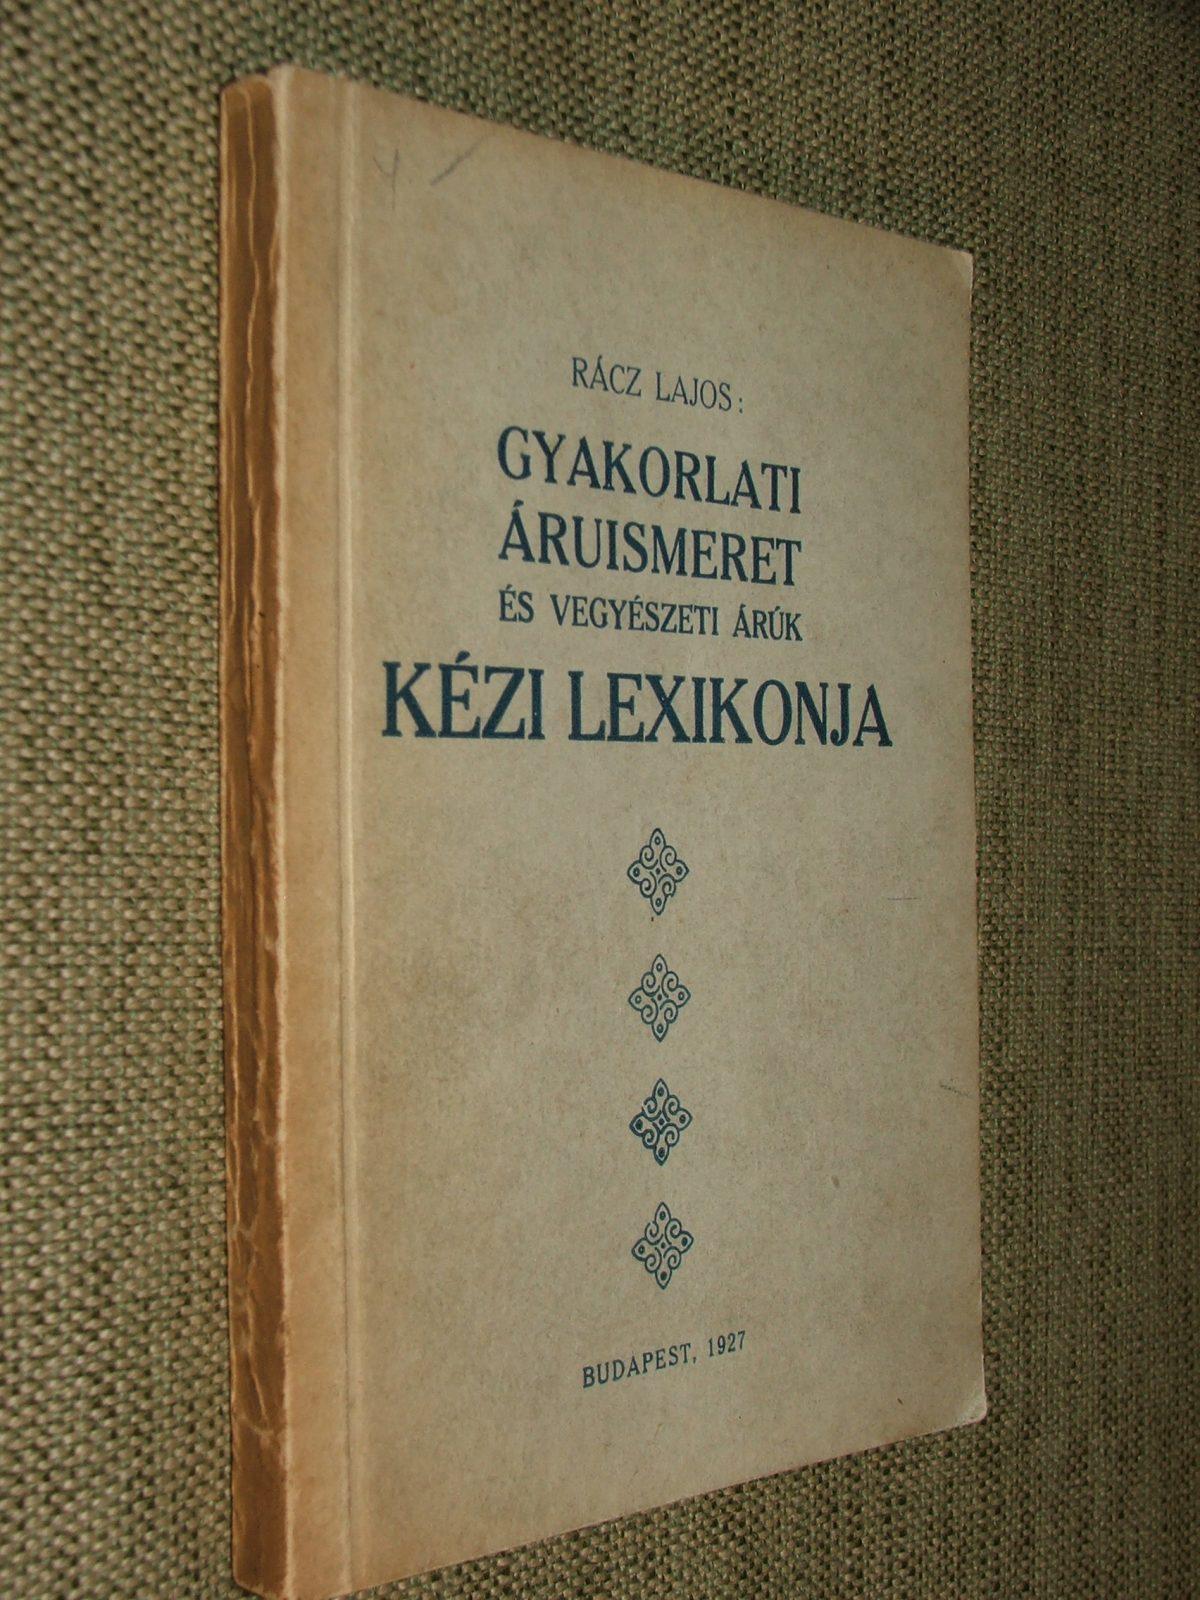 RÁCZ Lajos: Gyakorlati áruismeret és vegyészeti árúk kézi lexikonja